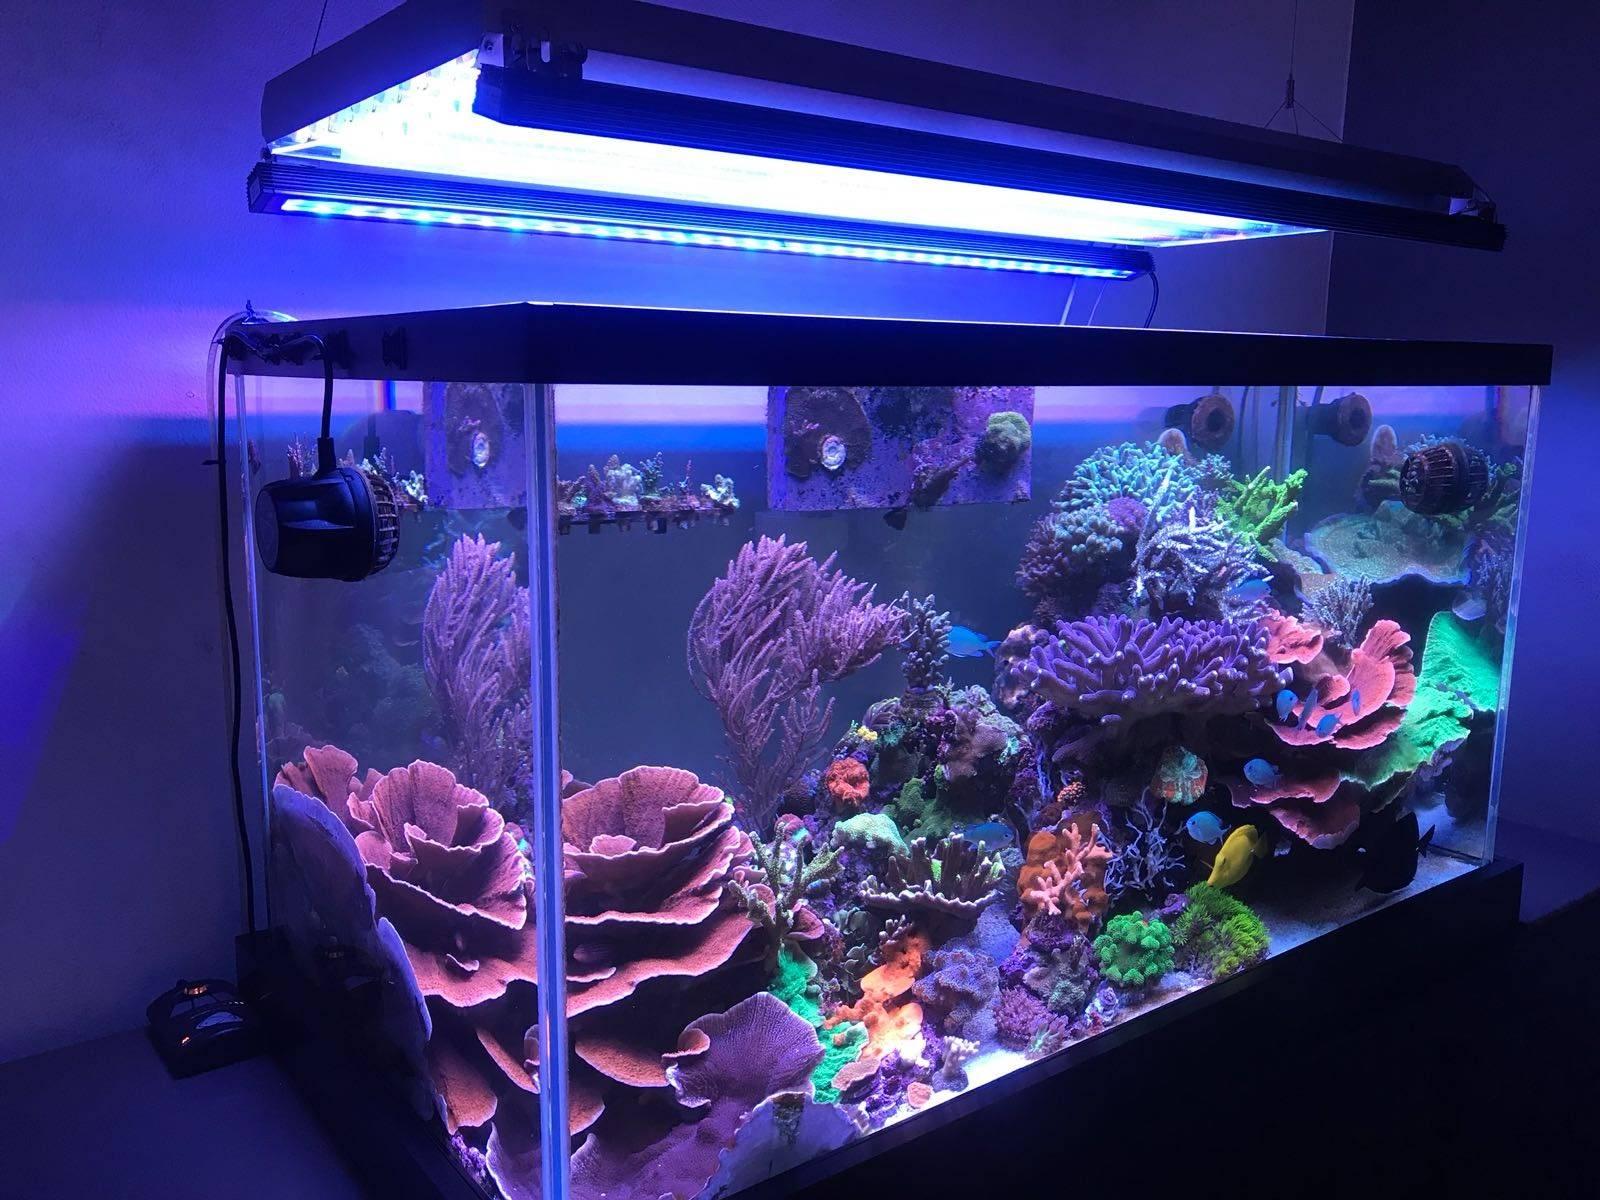 Как выбрать светильник для аквариума: расчет мощности ламп освещения